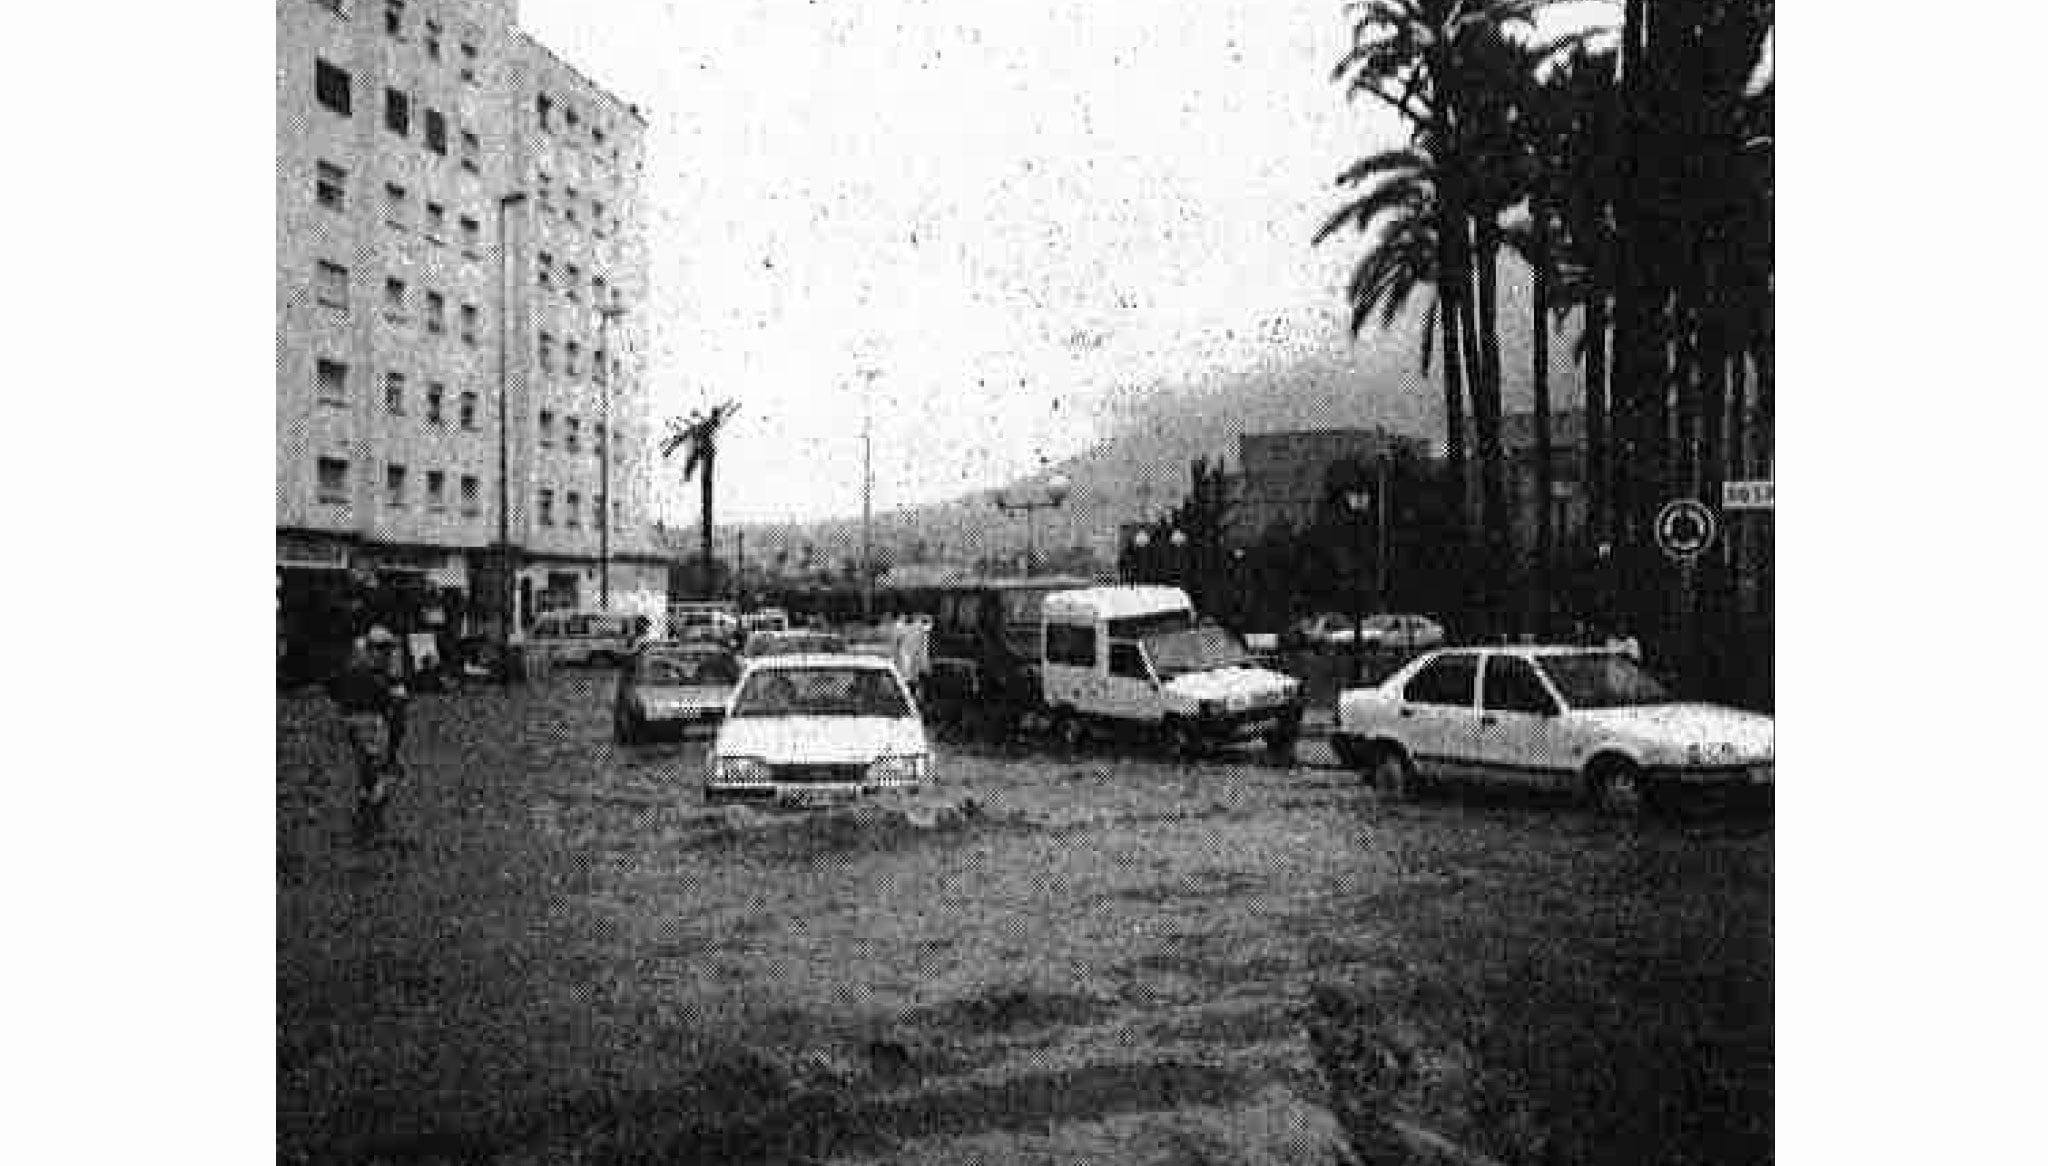 Vista de la Plaça Jaume I el 1988 durant un episodi de temporal (Foto: Diari Informació, 21 d desembre de 1990)